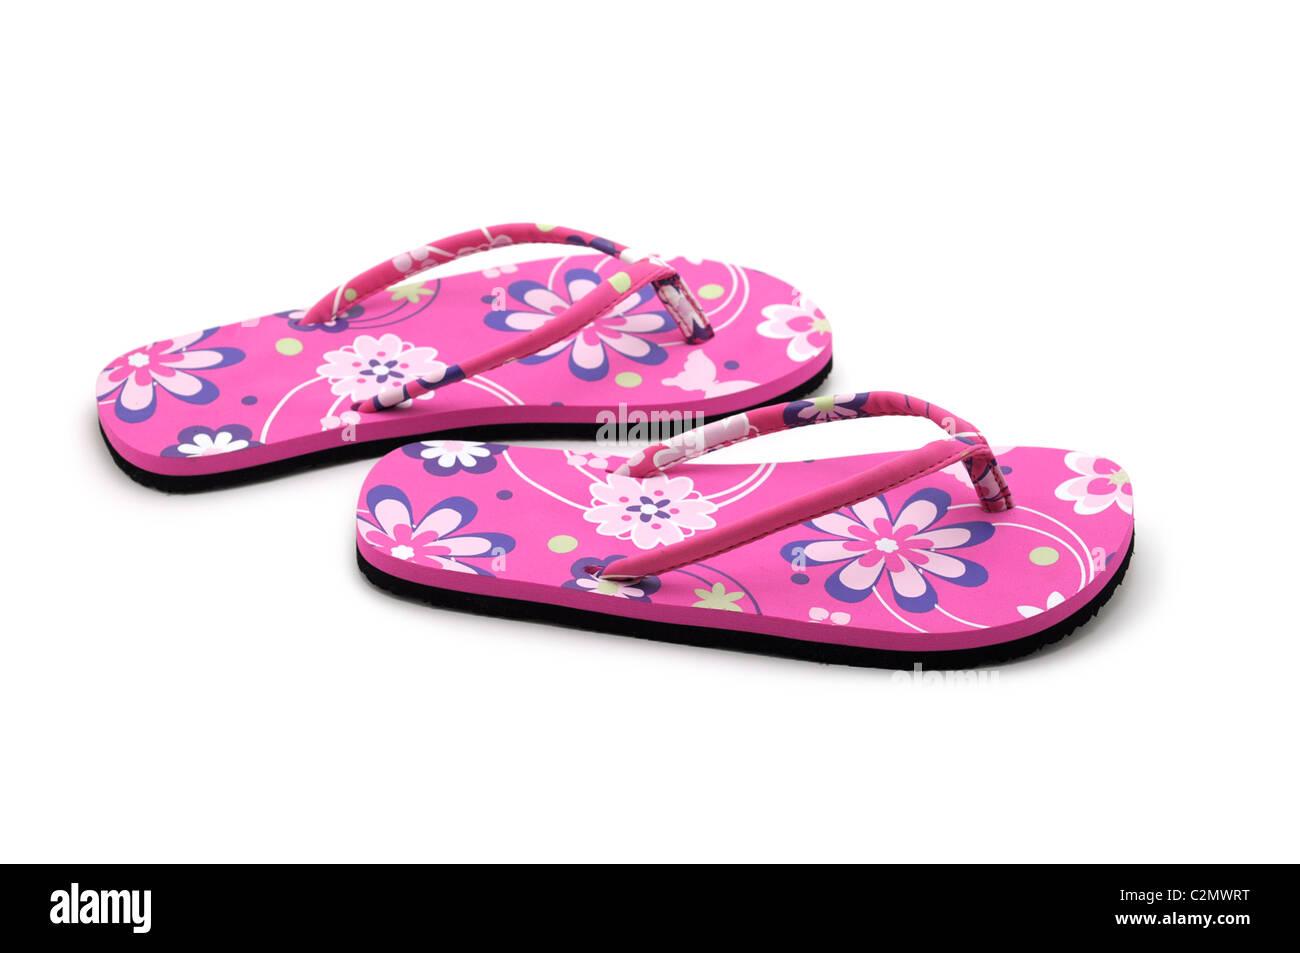 Summer Sandals, Pink Flip Flops, Flowers, Floral Design, Floral Print - Stock Image